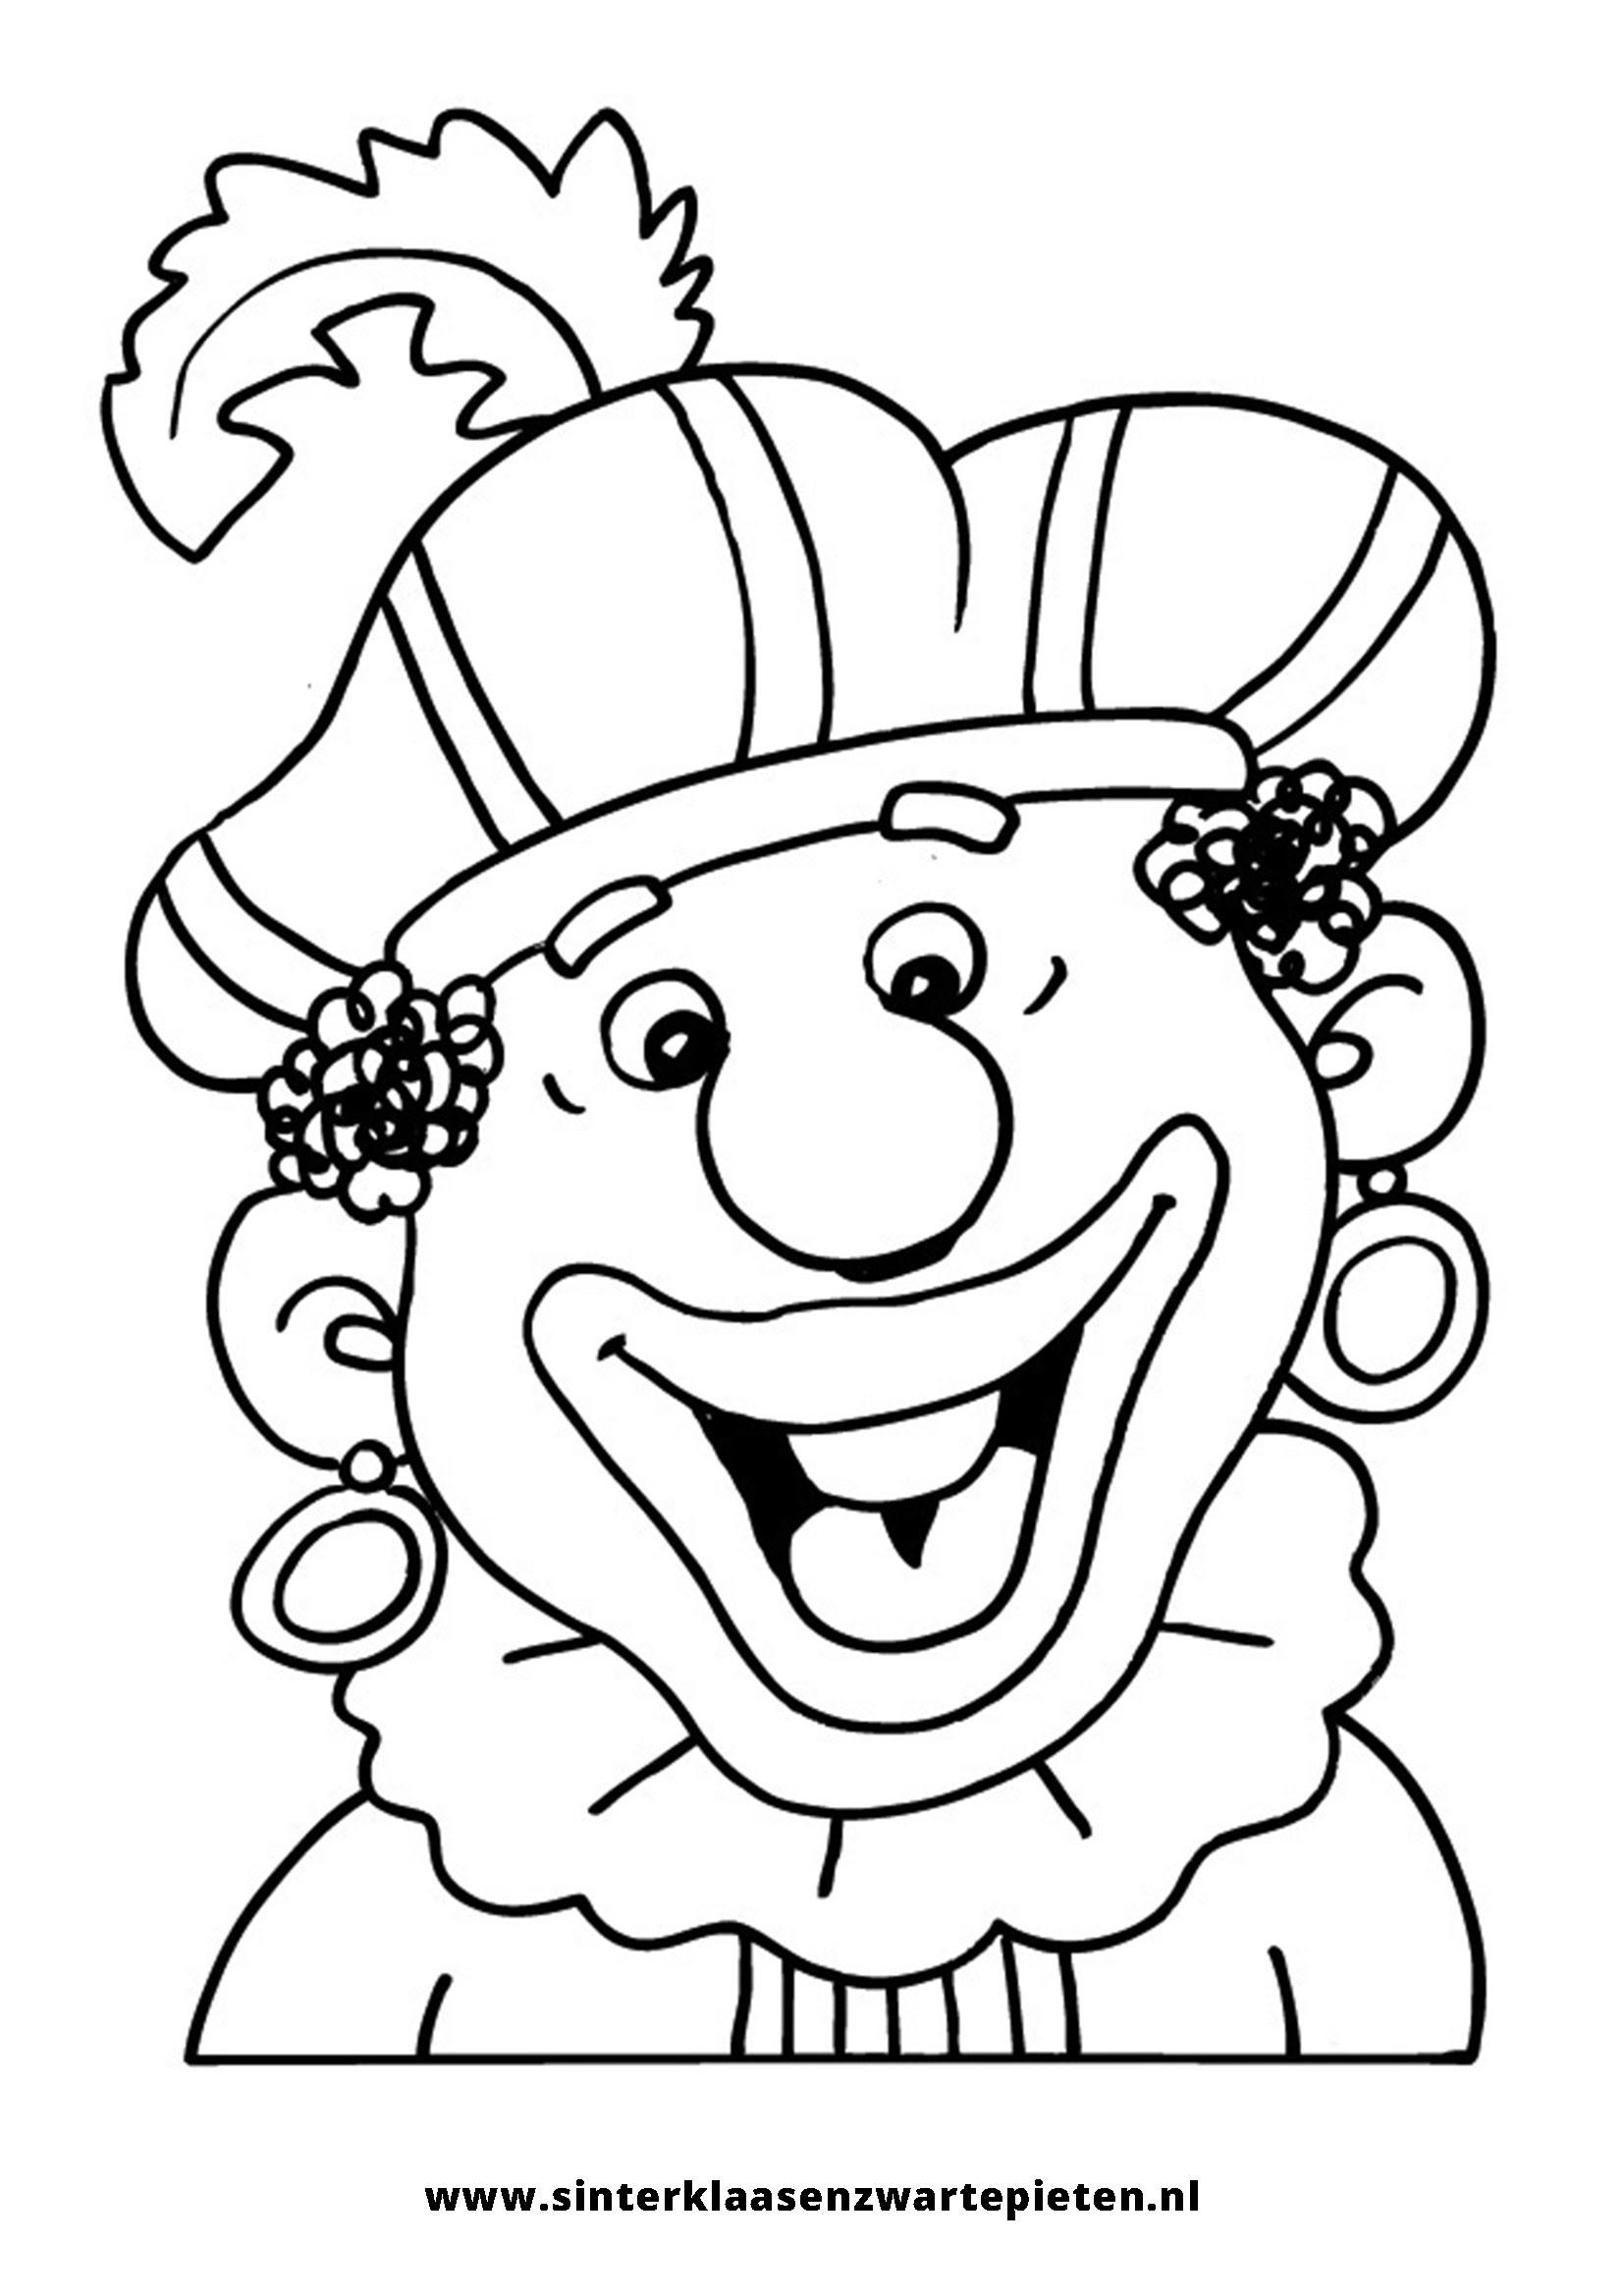 Gratis Kleurplaten Sinterklaas Zwarte Piet.Verse Gratis Kleurplaten Sinterklaas Zwarte Piet Krijg Duizenden